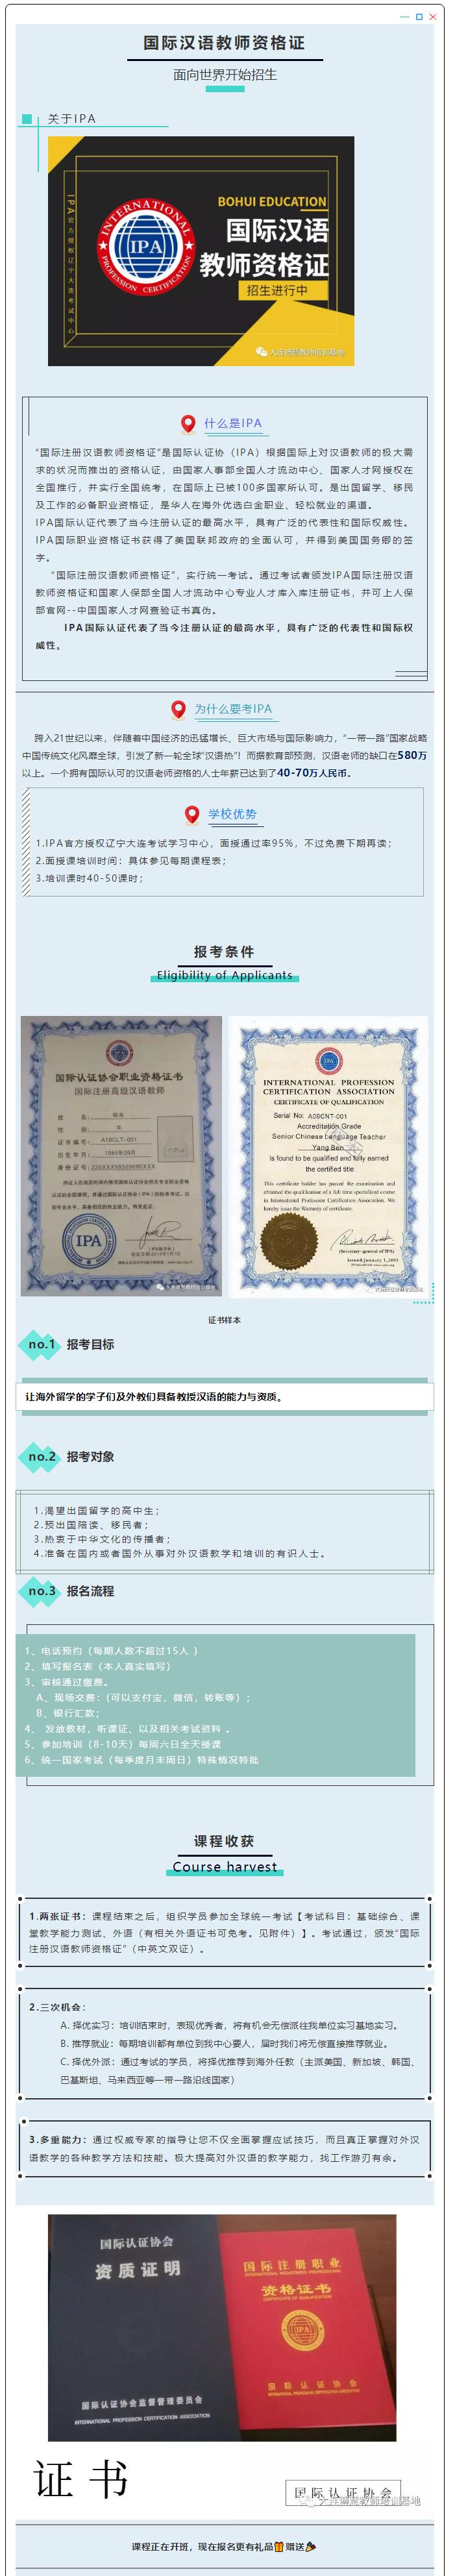 国际汉语教师资格证,全球招生中